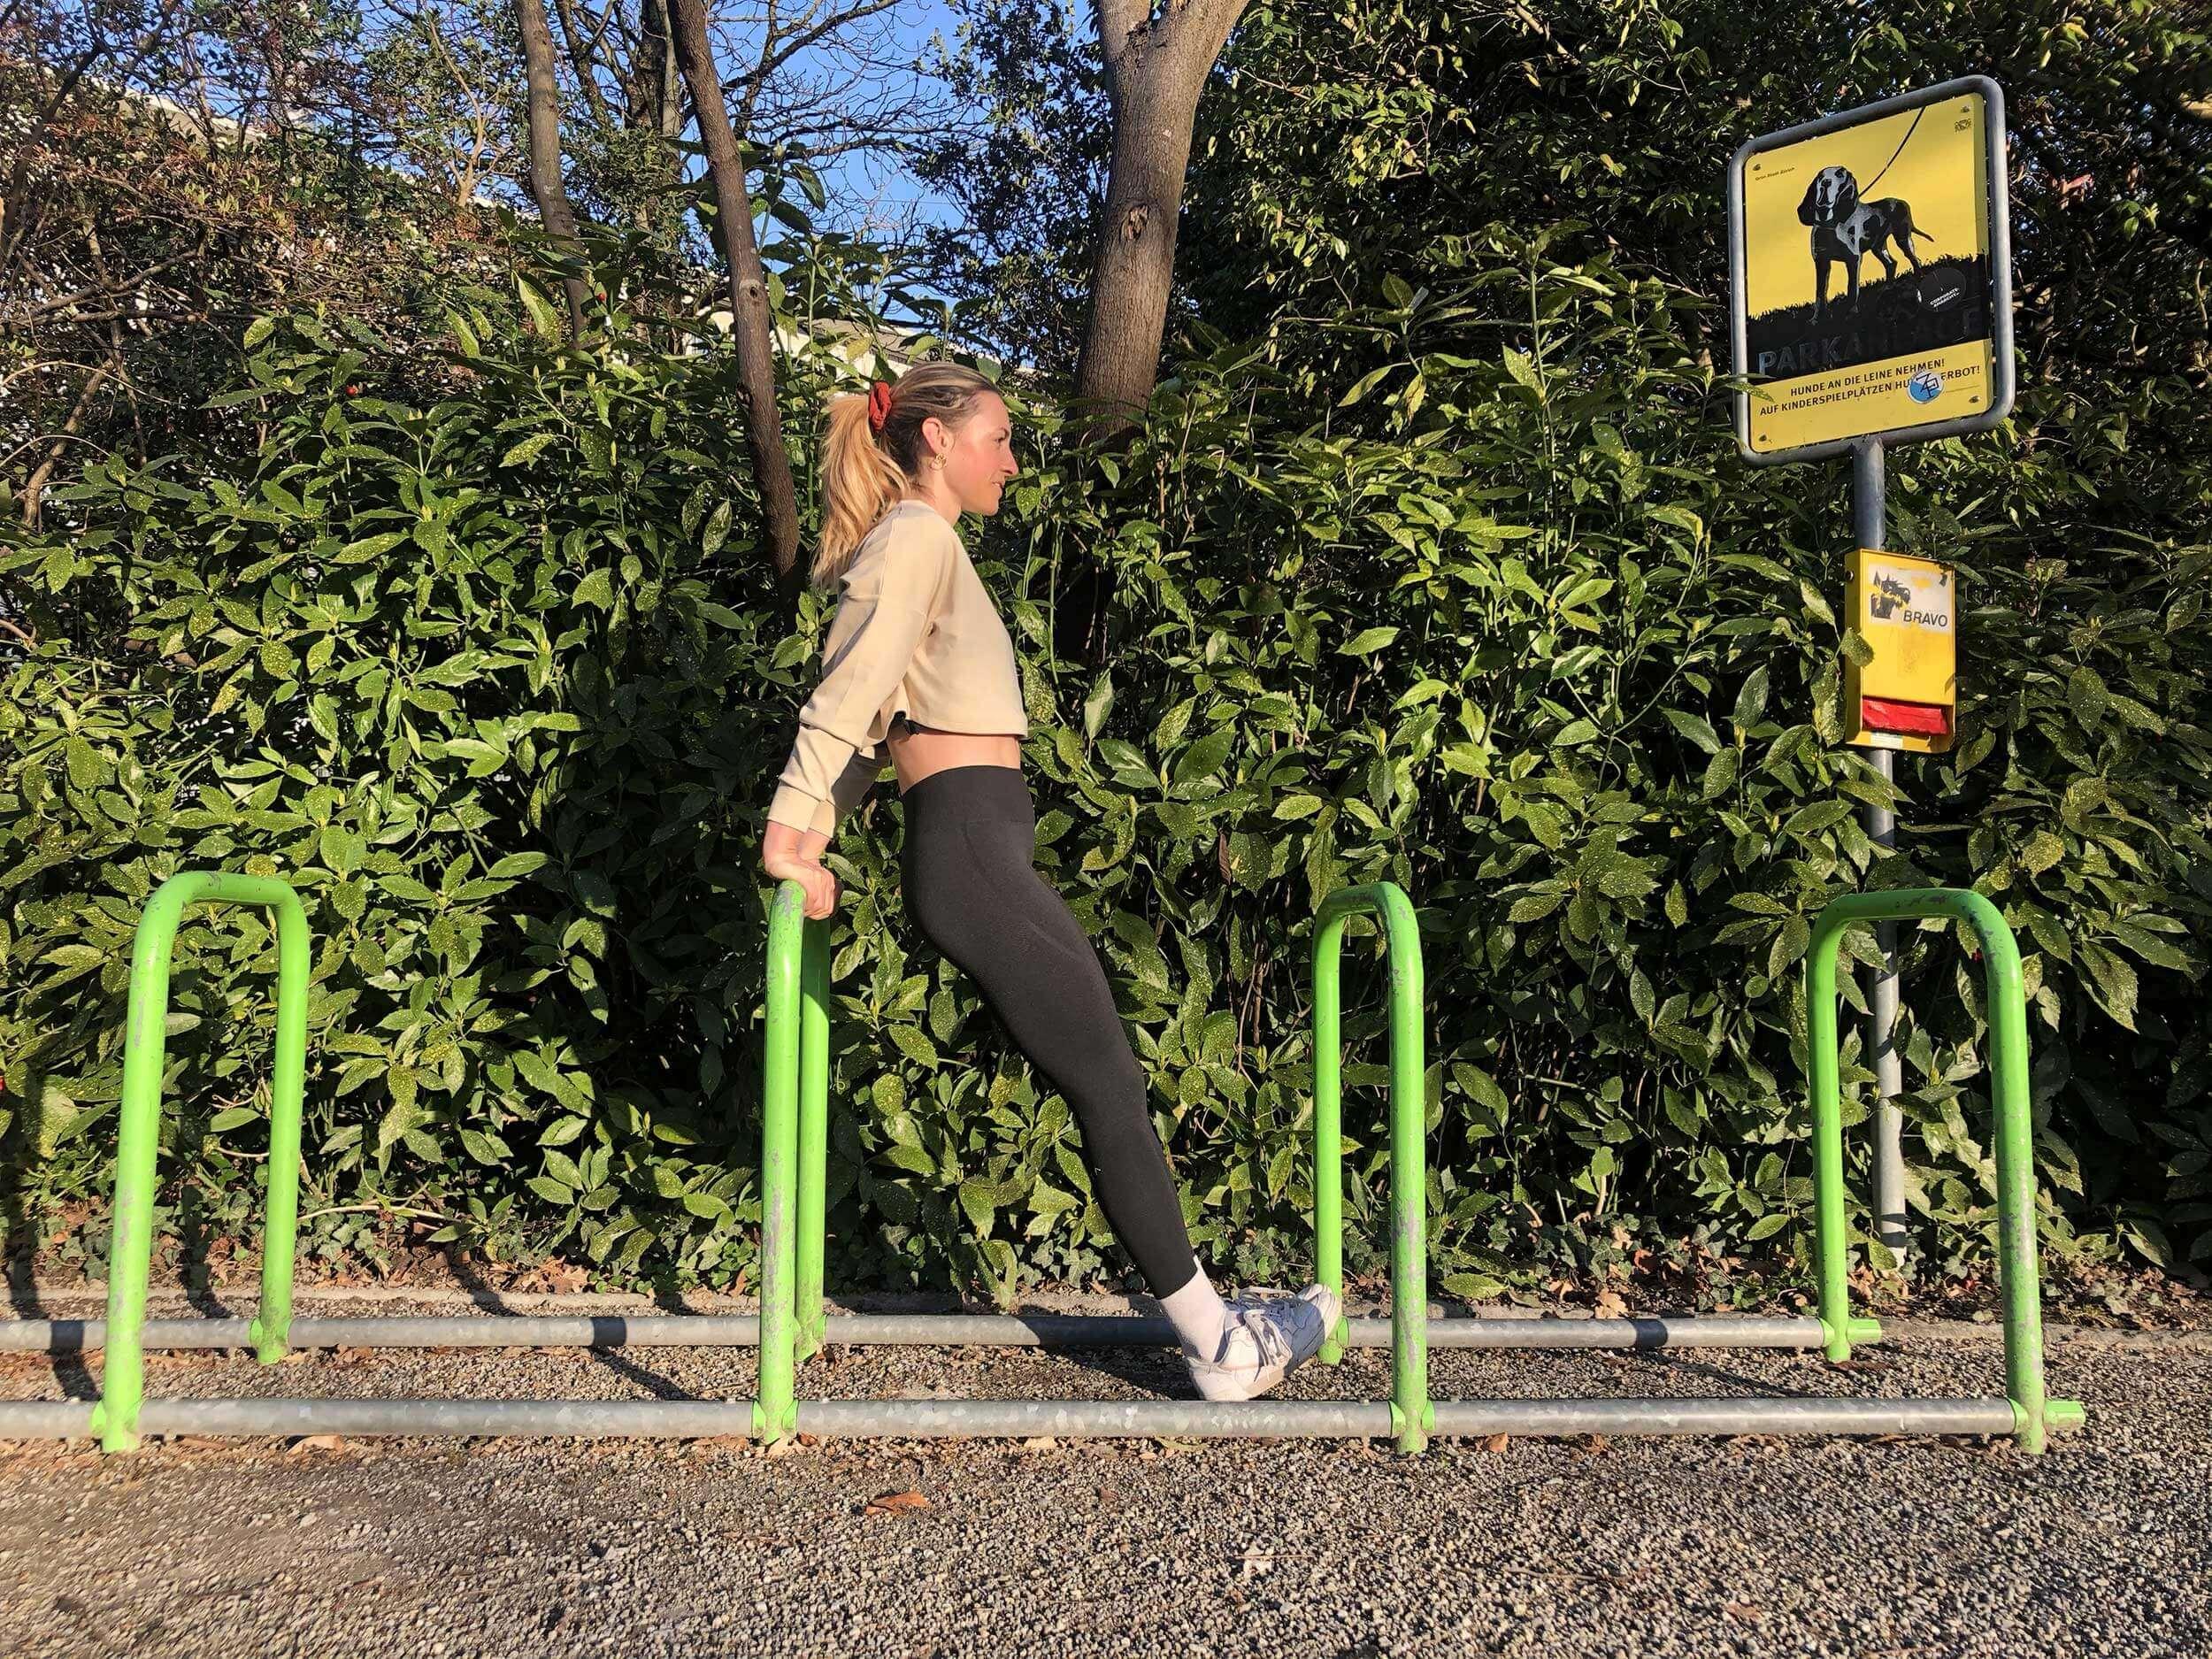 Les porte-vélos sont également adaptés à toutes sortes d'exercices.